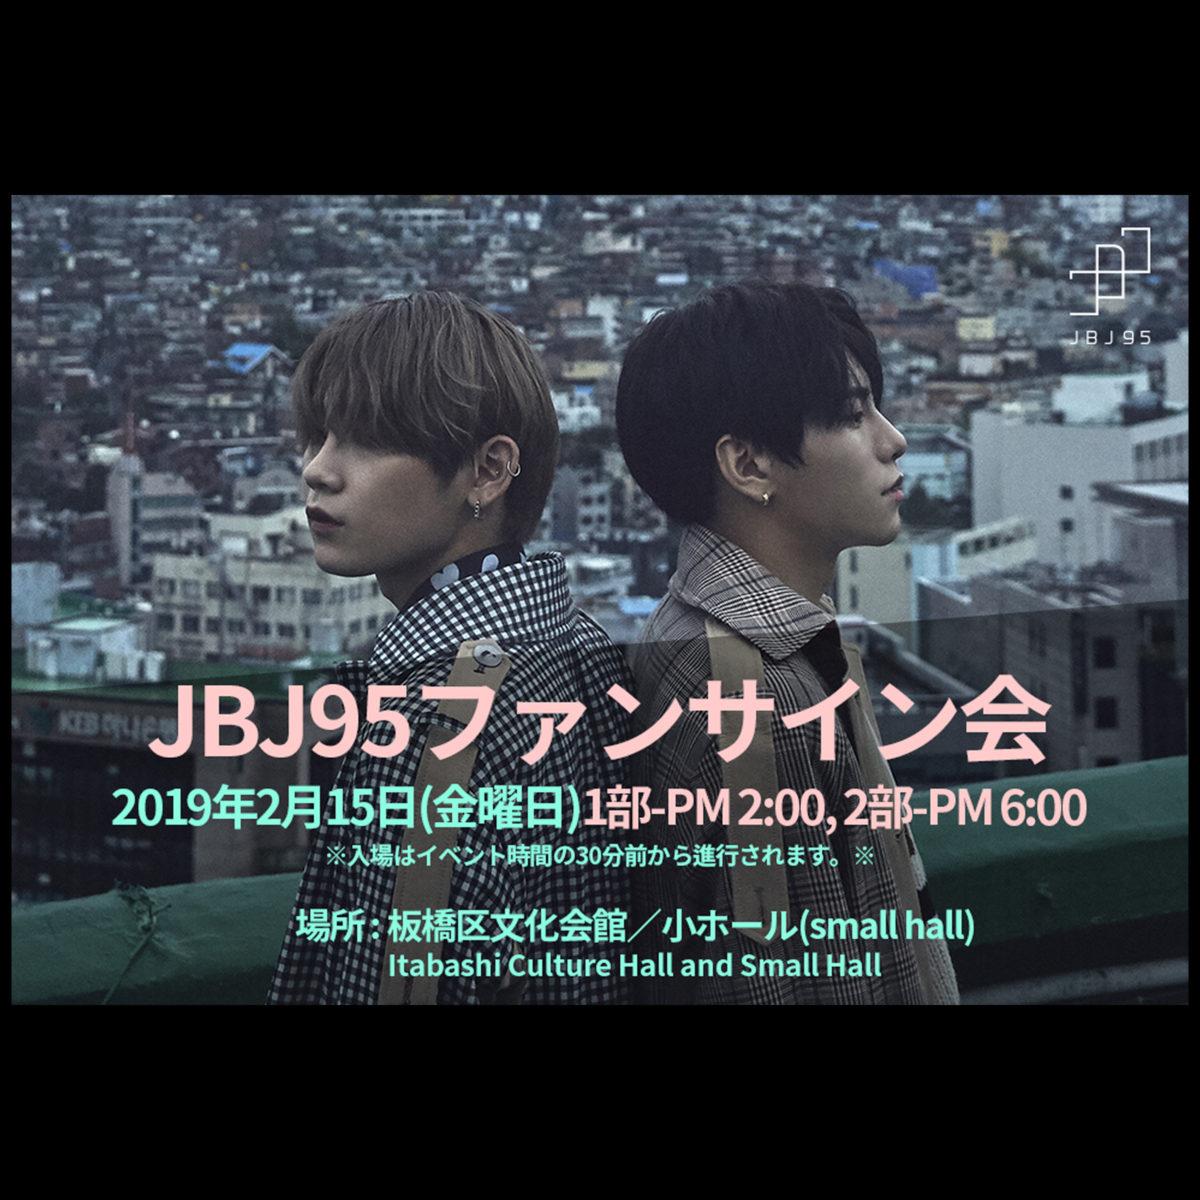 JBJ95 2/15 ファンサイン会 2019 Valentine Special FanSignEvent